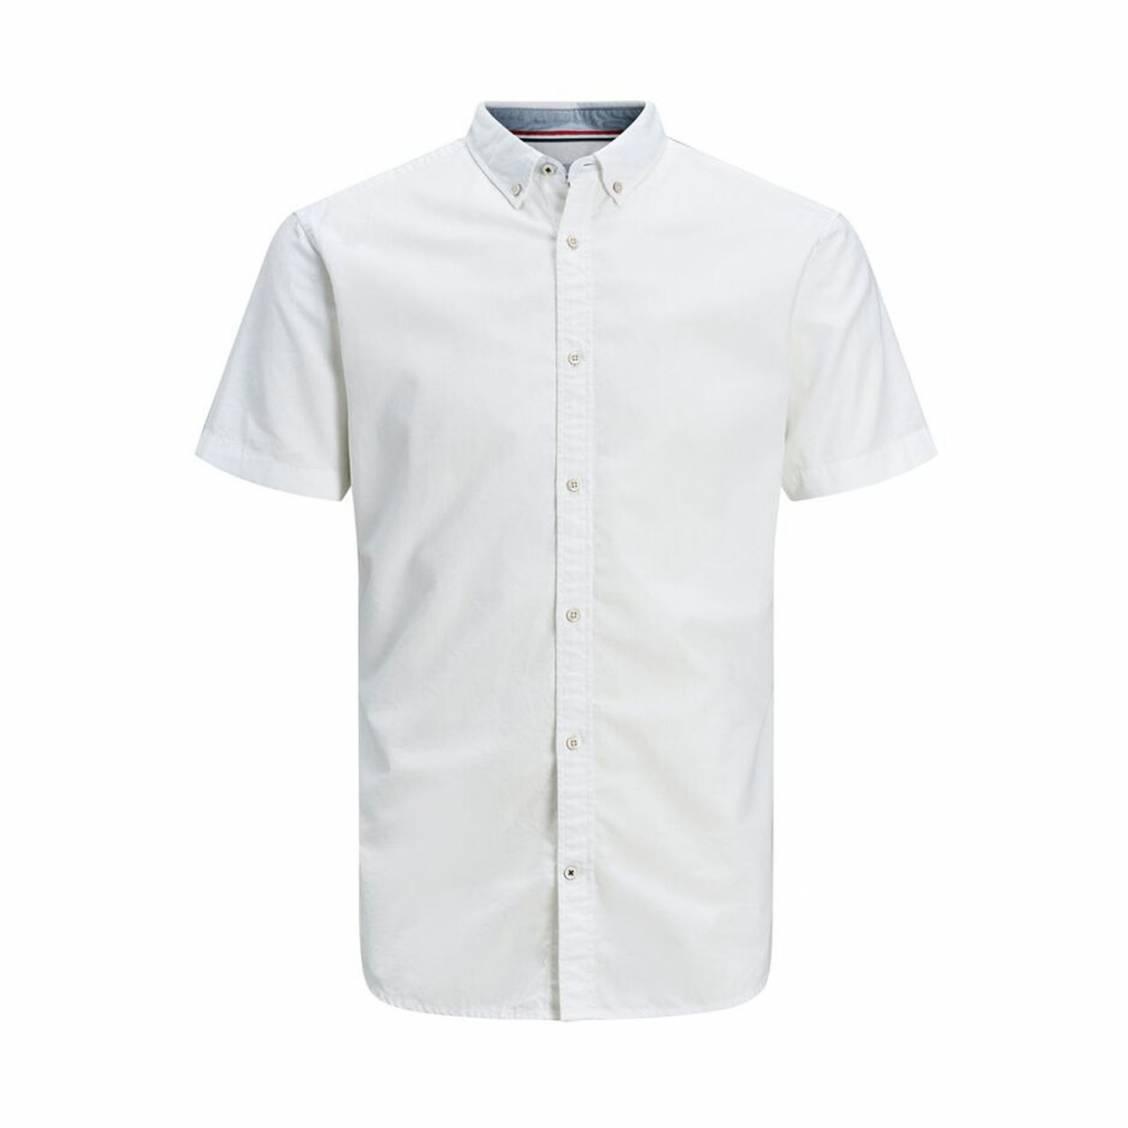 Chemise ajustée Jack & Jones Summer en coton et lin blanc